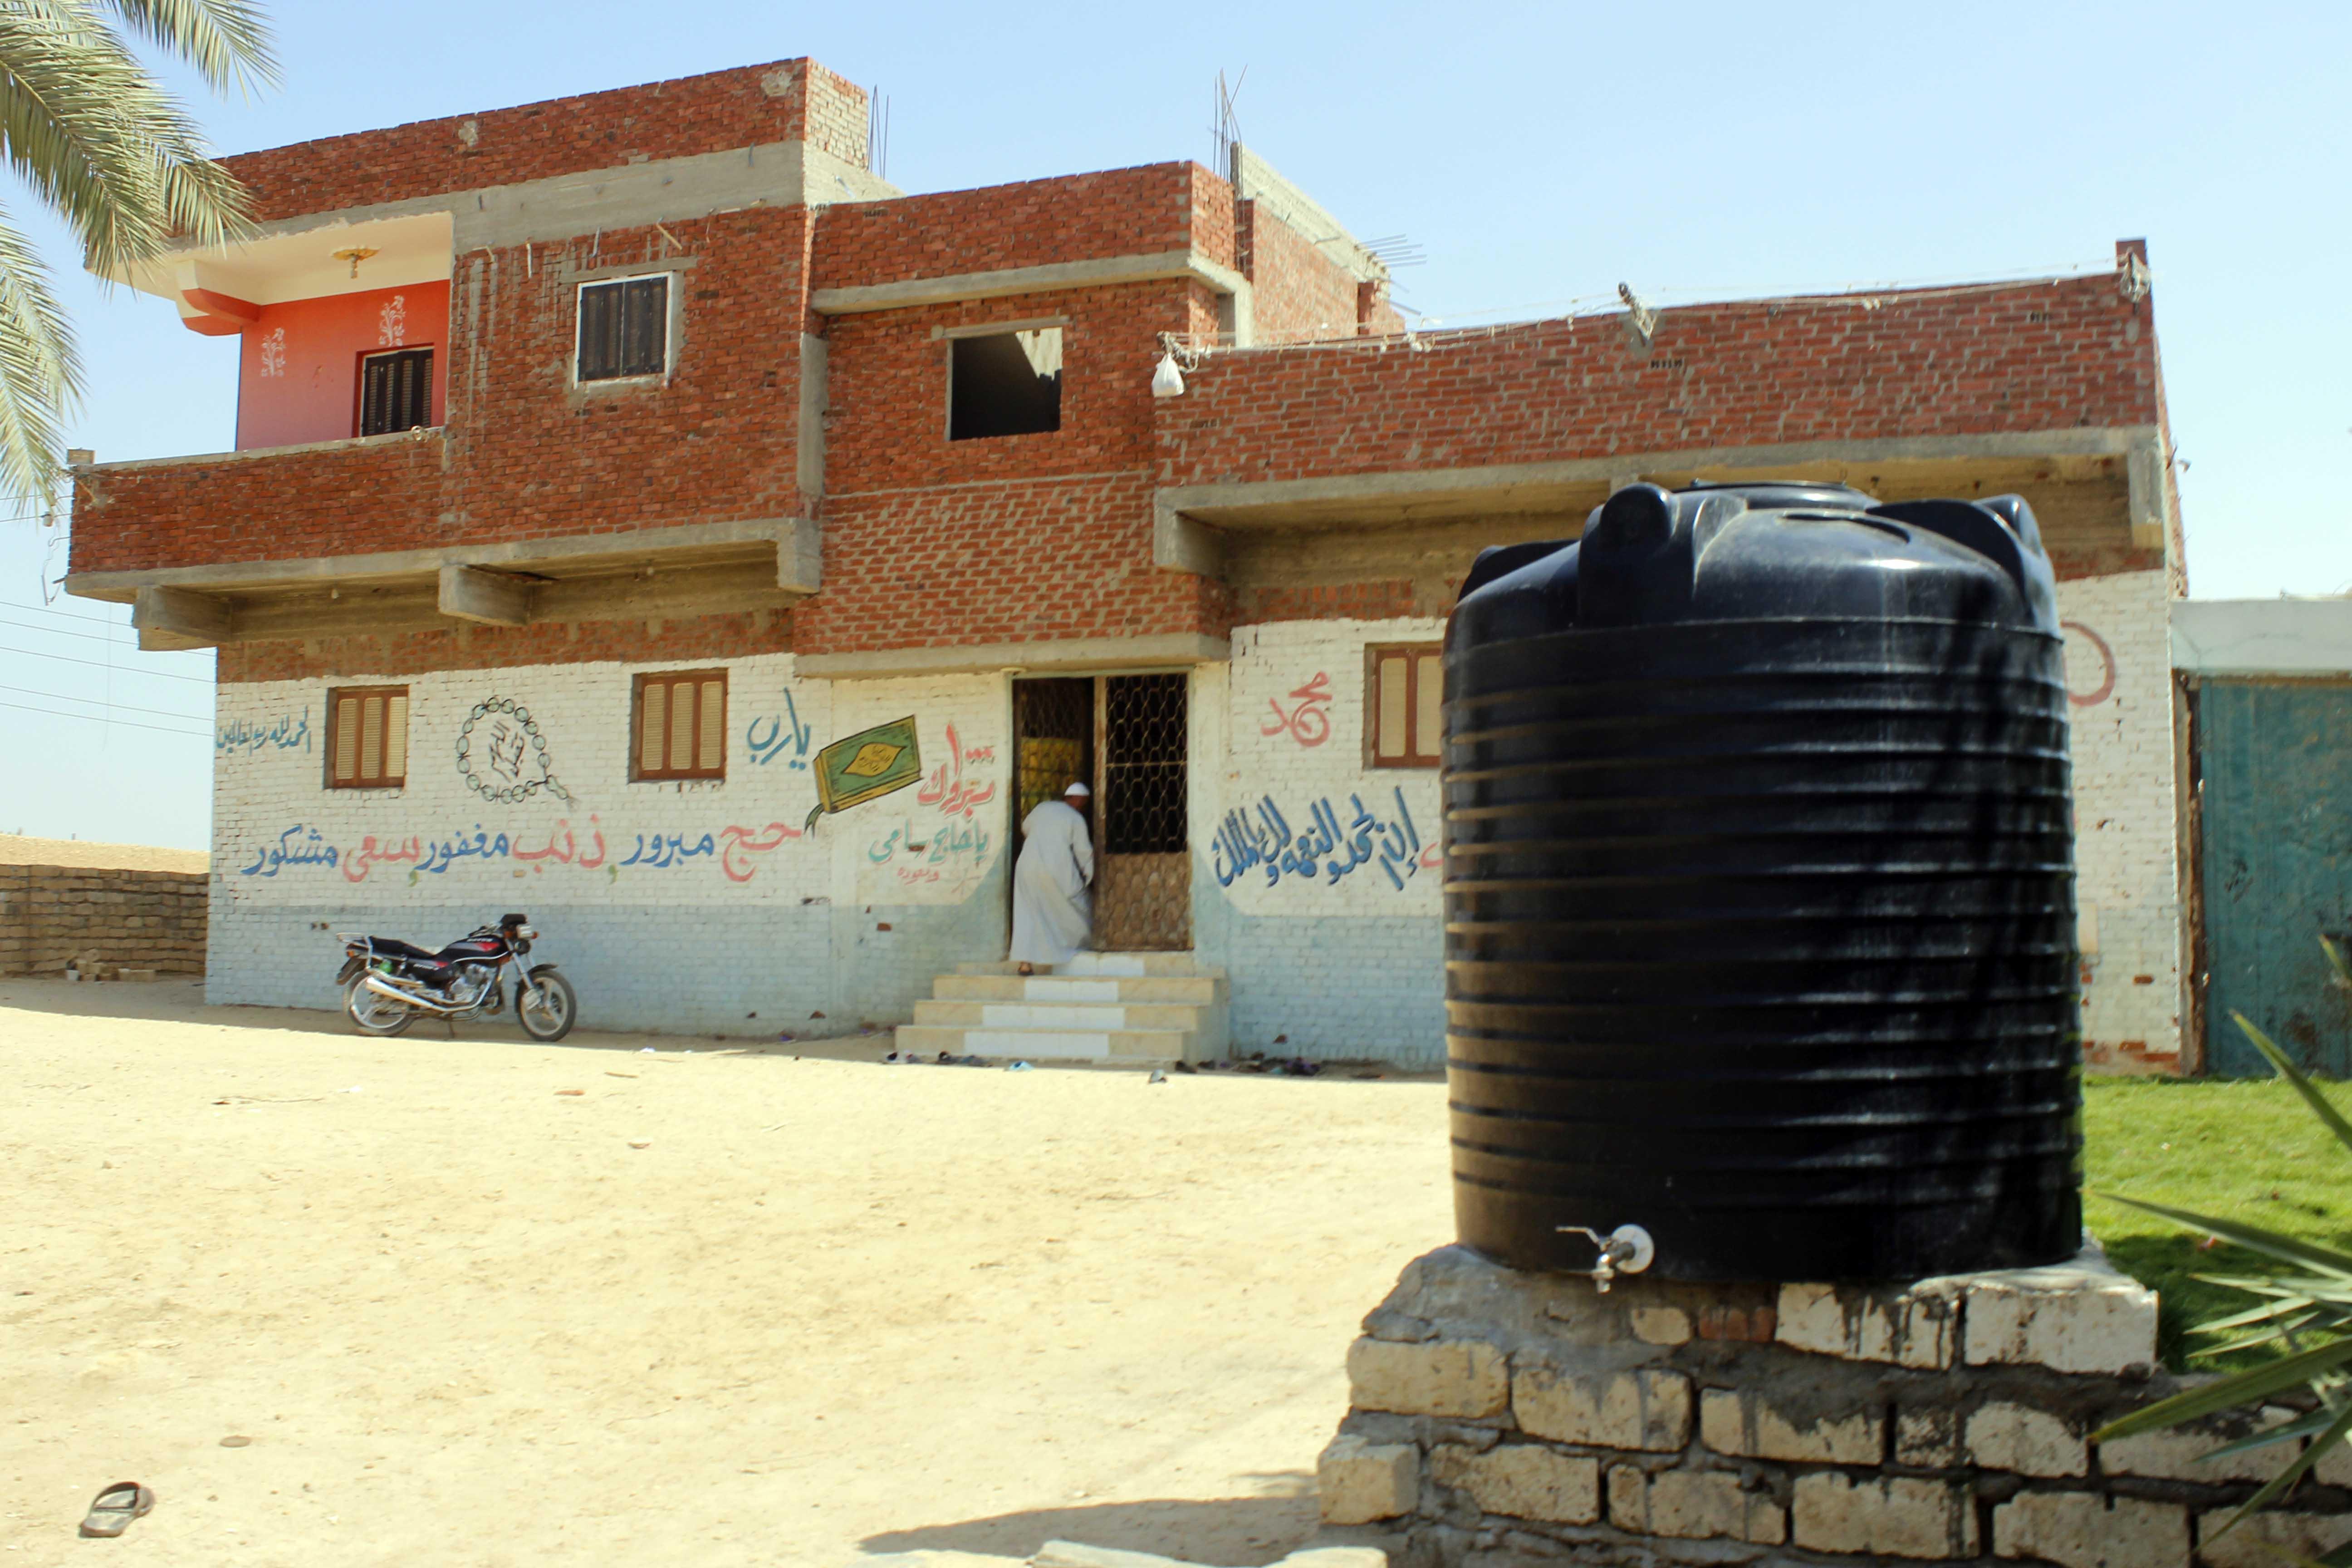 قري  تعيش بدون مياه  شرب  لأربعة أشهر  - تصوير  محمد عوض  (8)